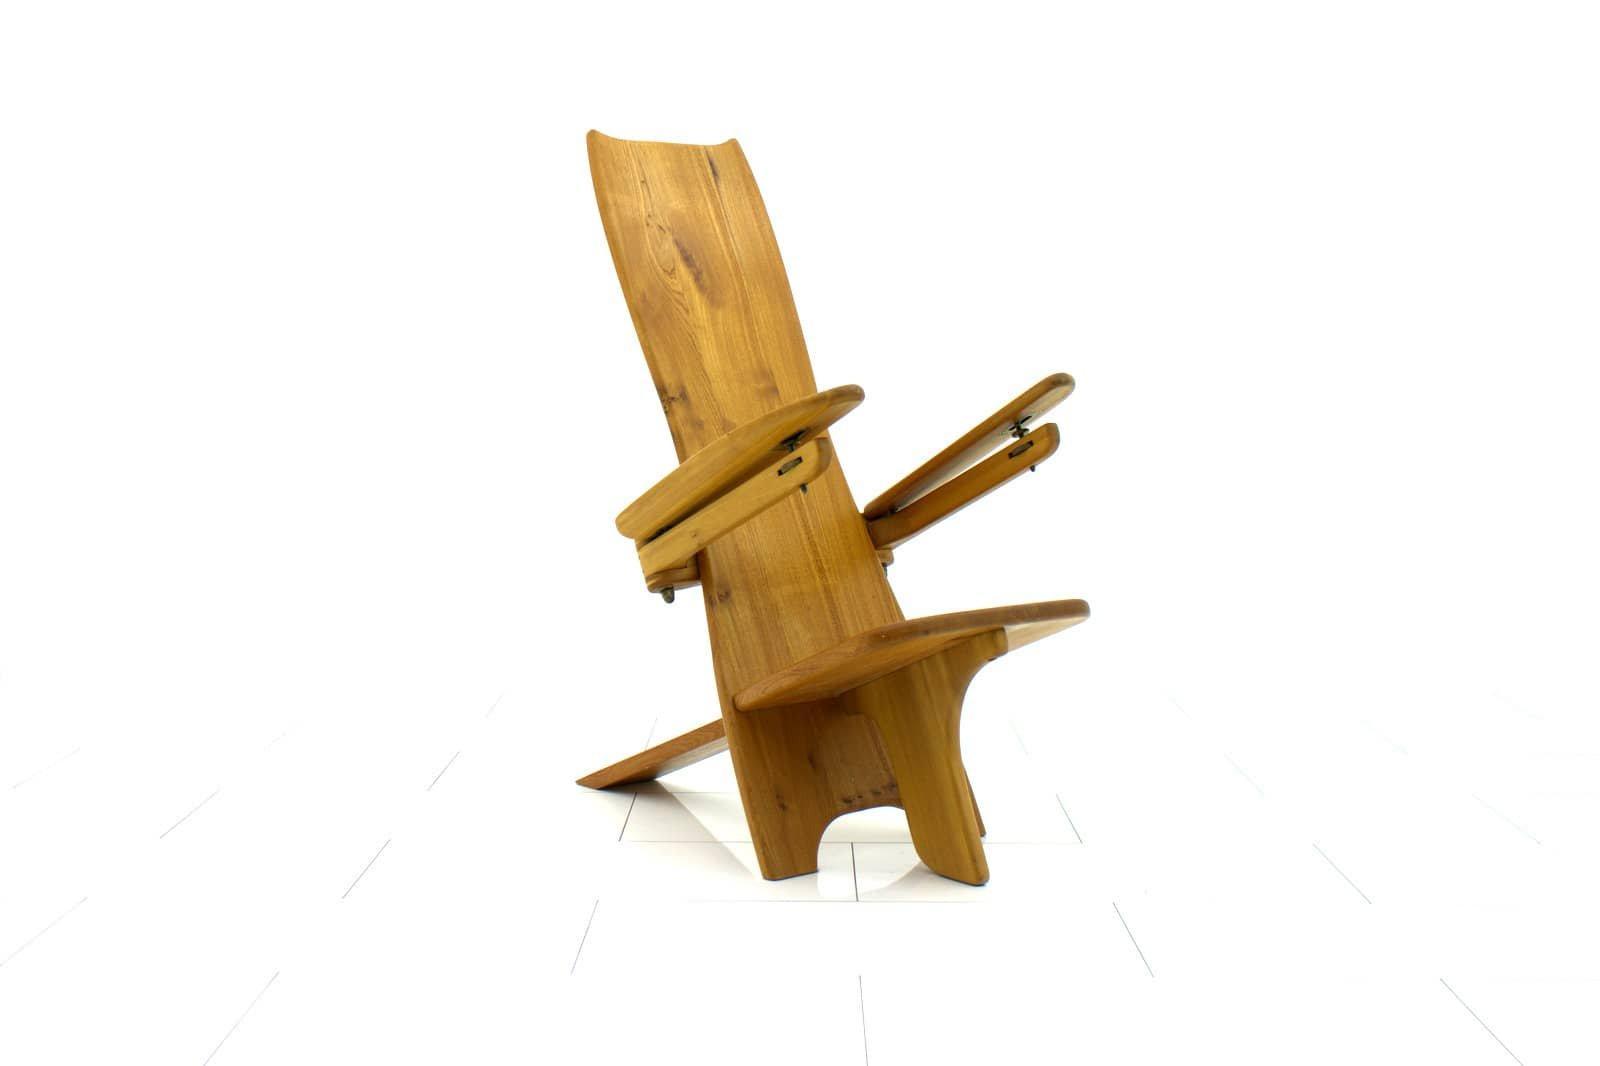 Skulpturaler Finnischer Beistellstuhl aus Holz, 1970er